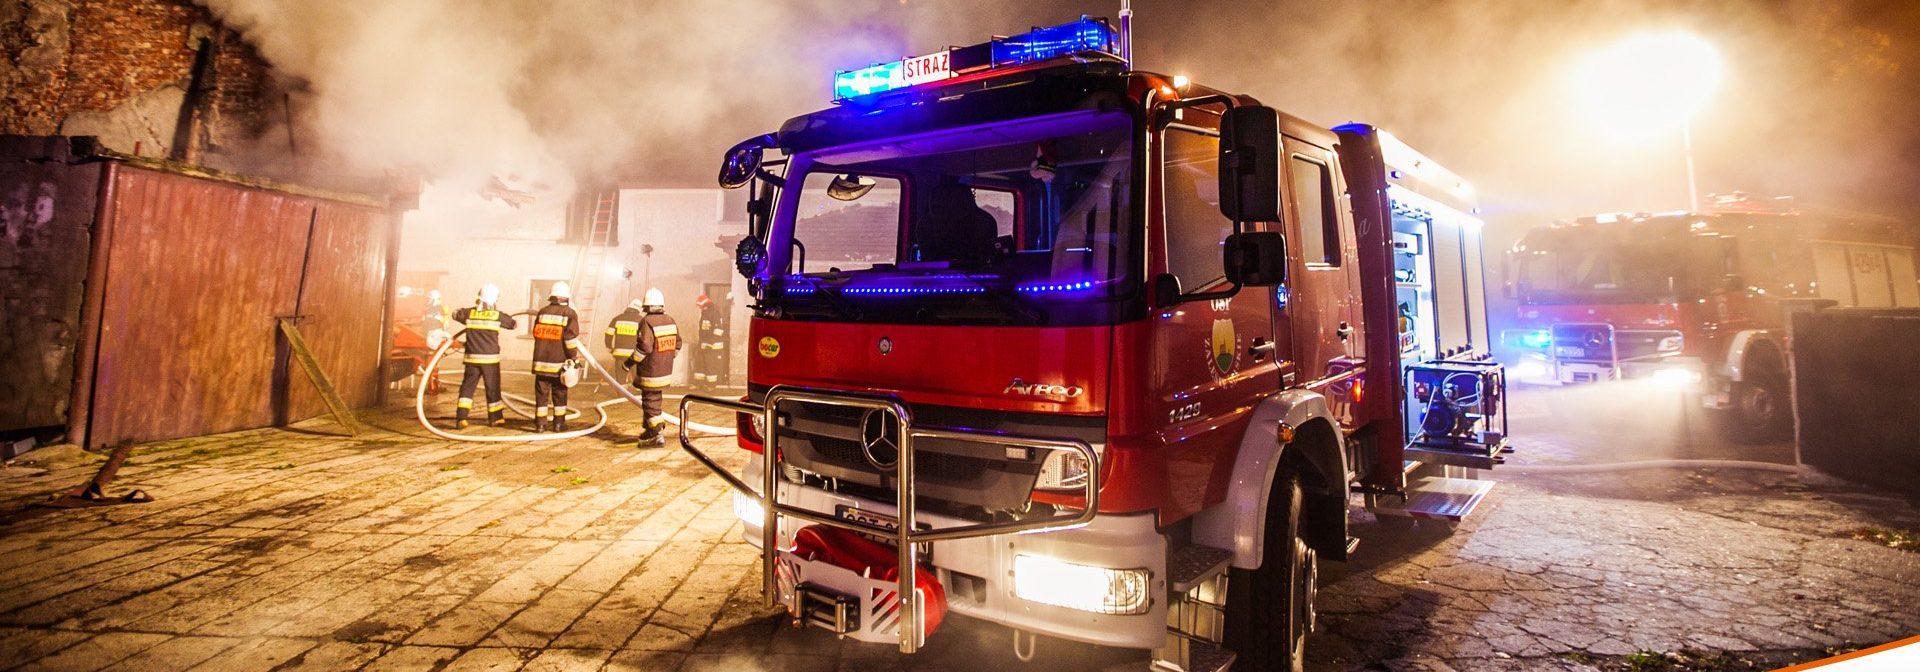 Związek Emerytów i Rencistów Pożarnictwa Rzeczypospolitej Polskiej Koło Nr 18 w Ostrowie Wielkopolskim